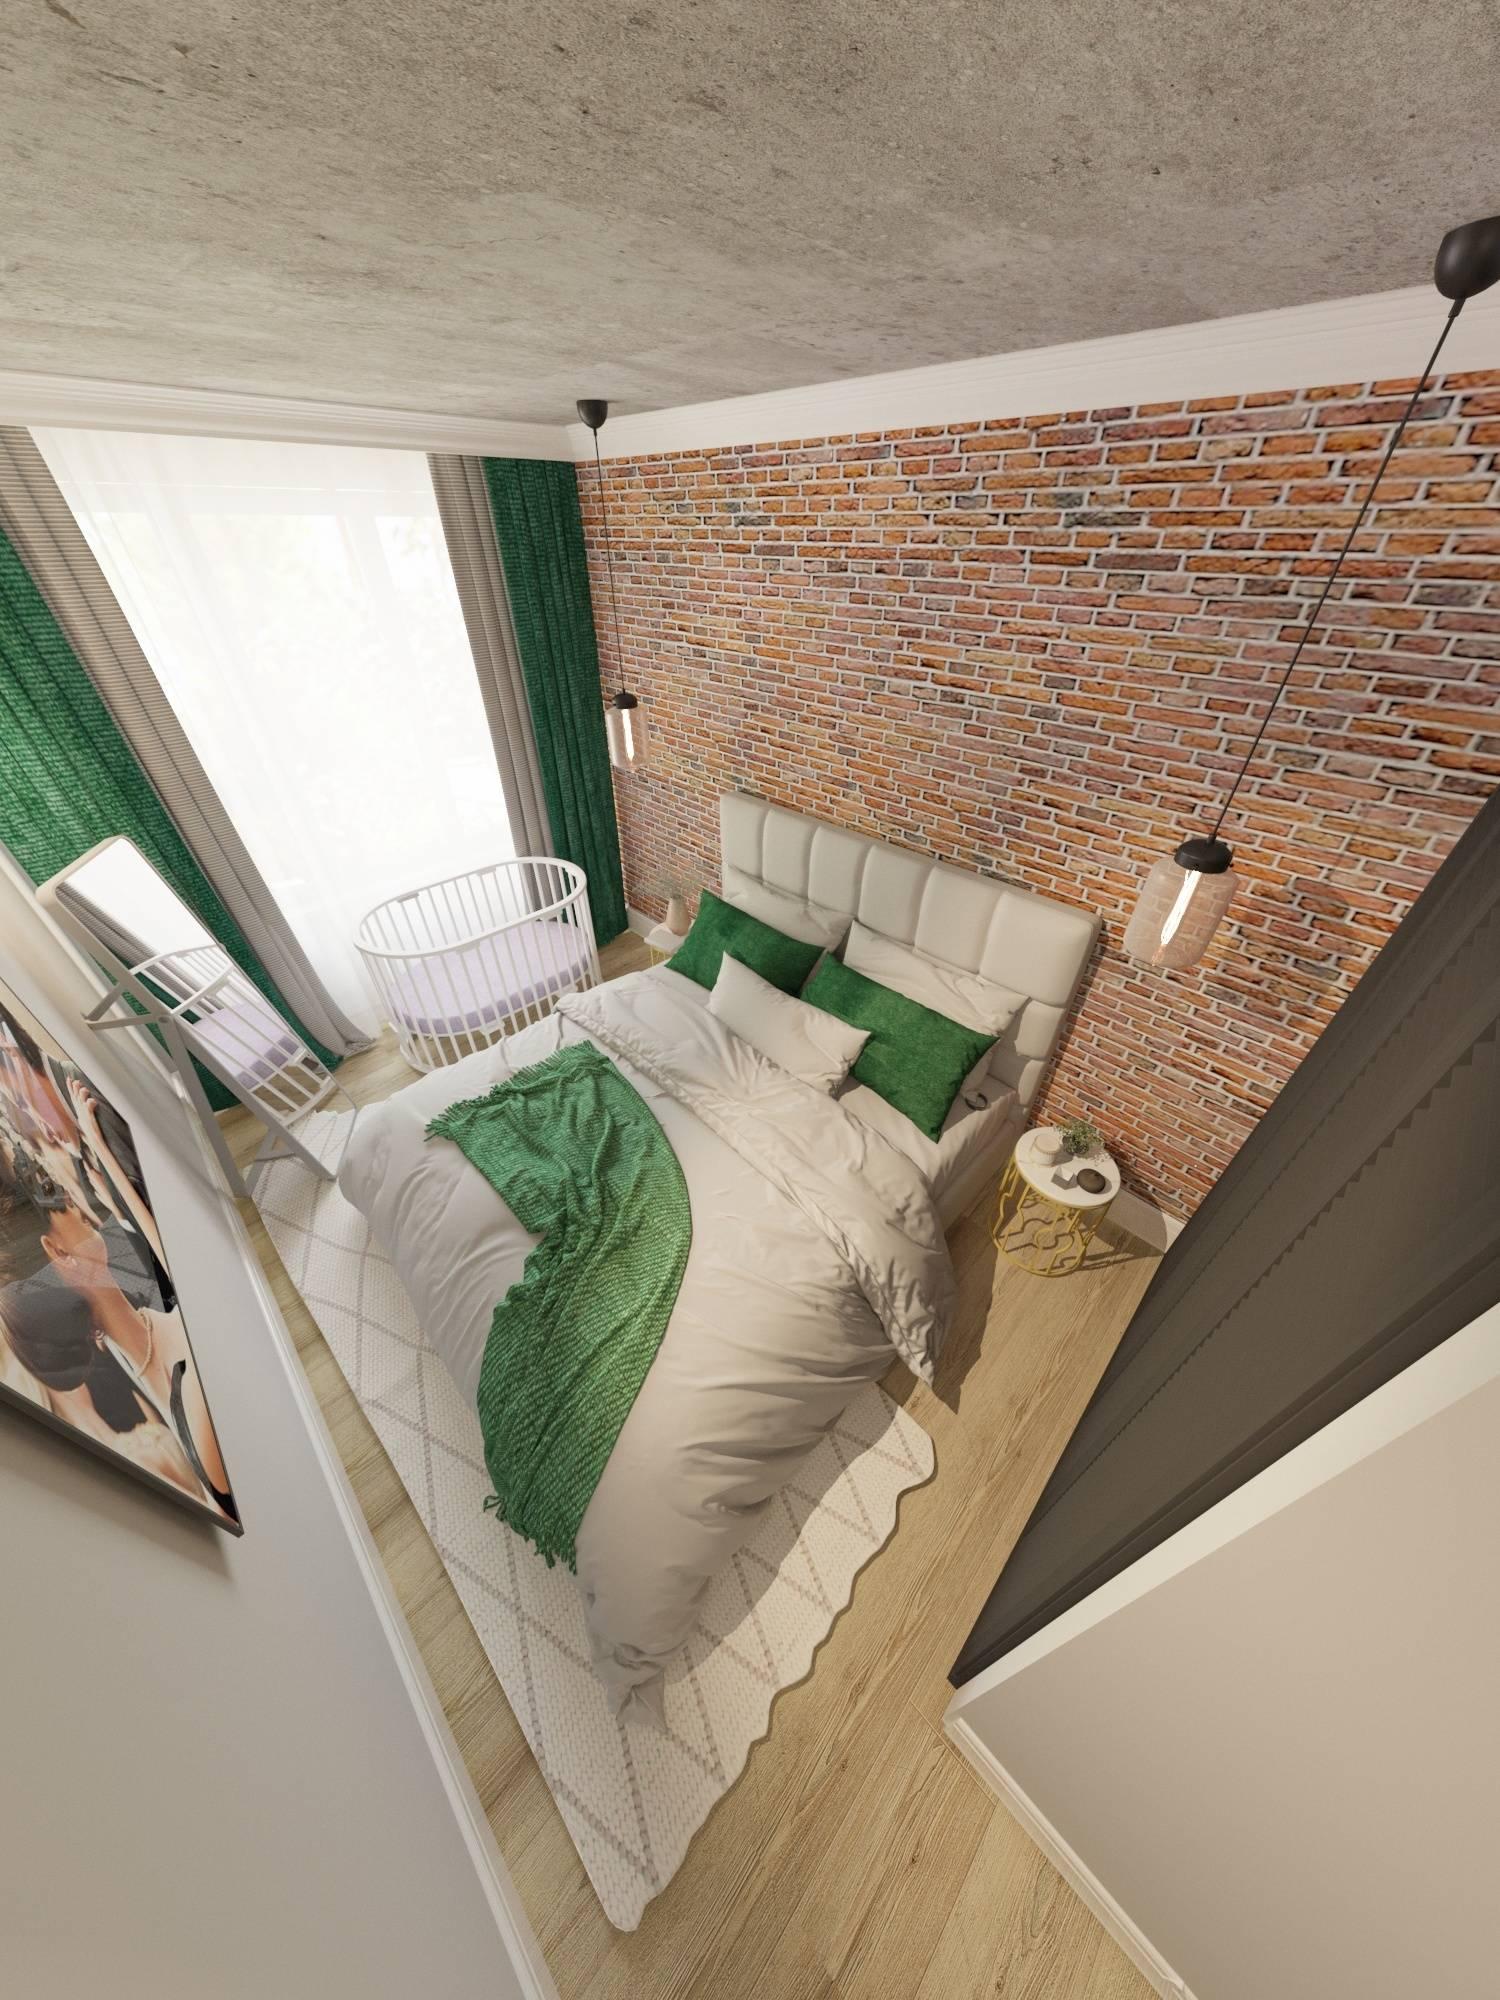 Брутальная спальня для молодой семьи. Элементы стиля лофт создают не типичное пространство, которое отражает характер заказчиков.